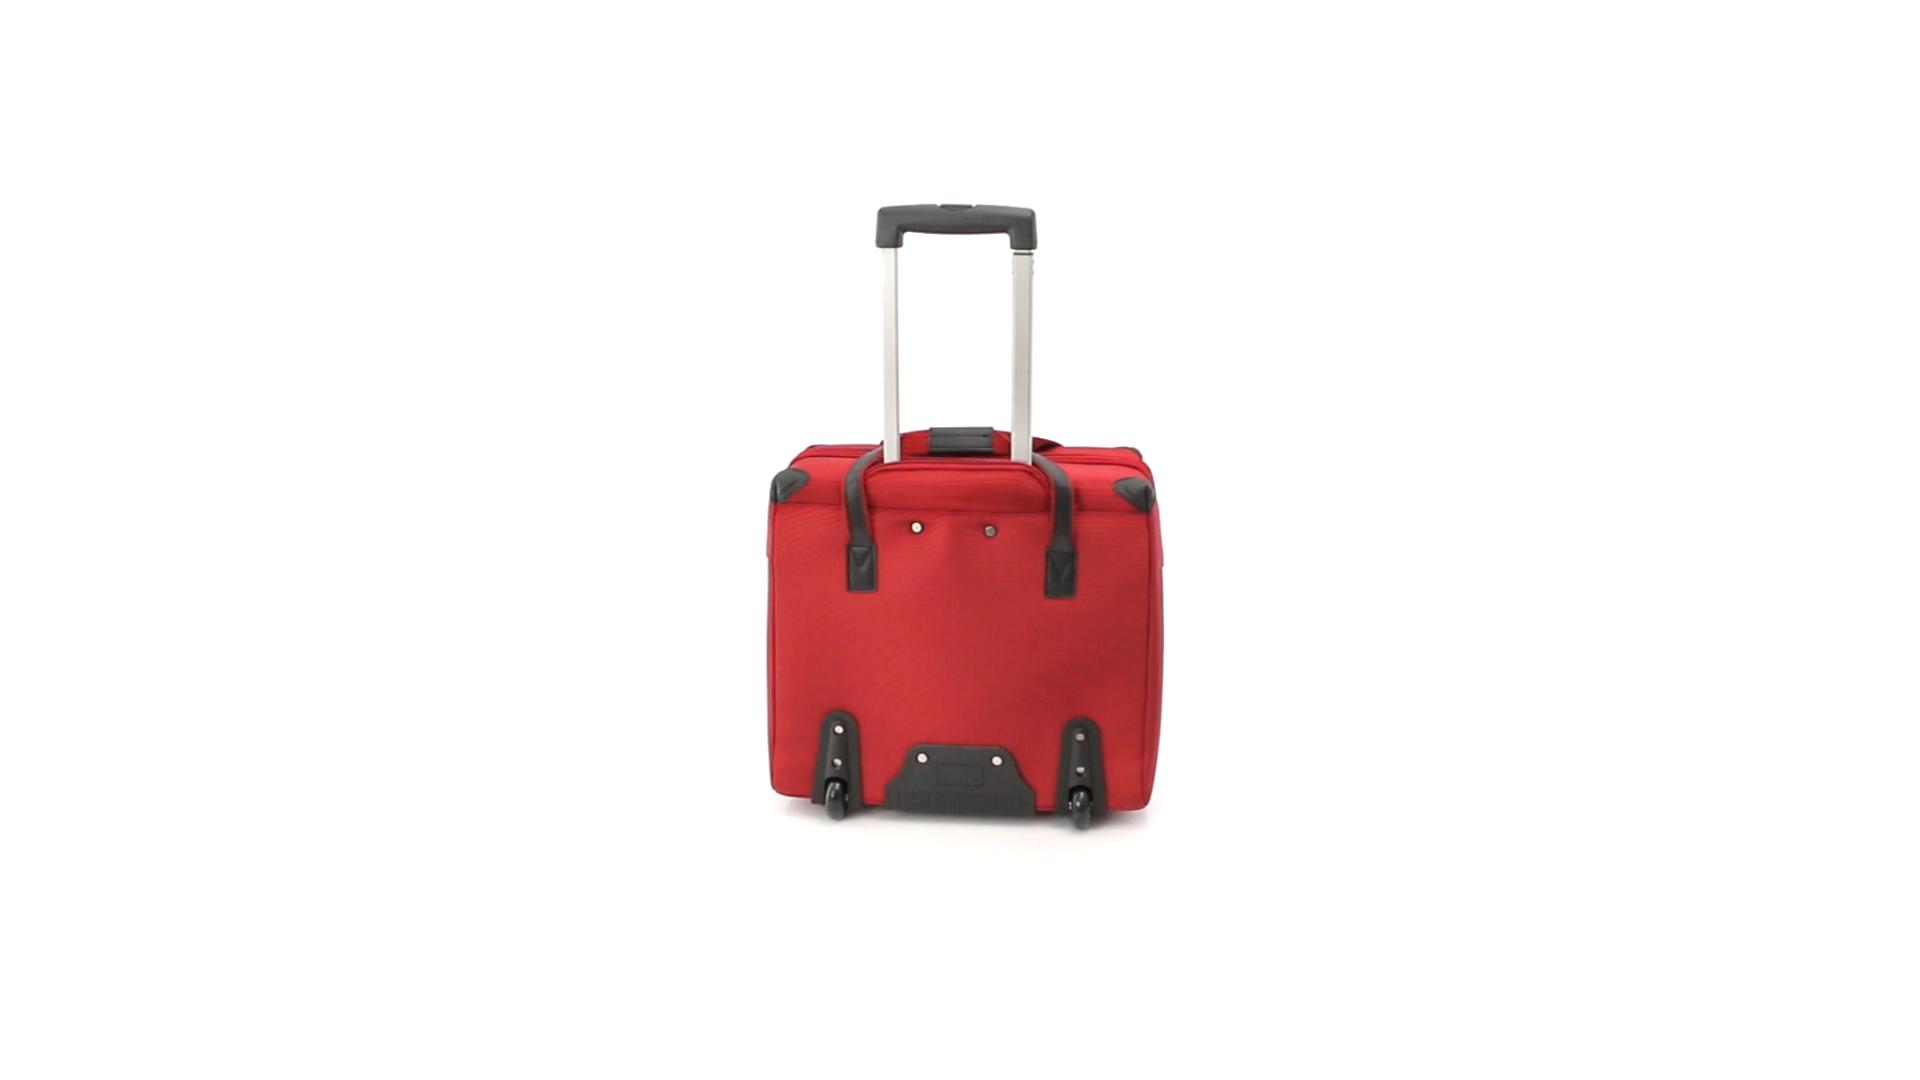 Trolley poliéster acolchado para portátil rojo atras